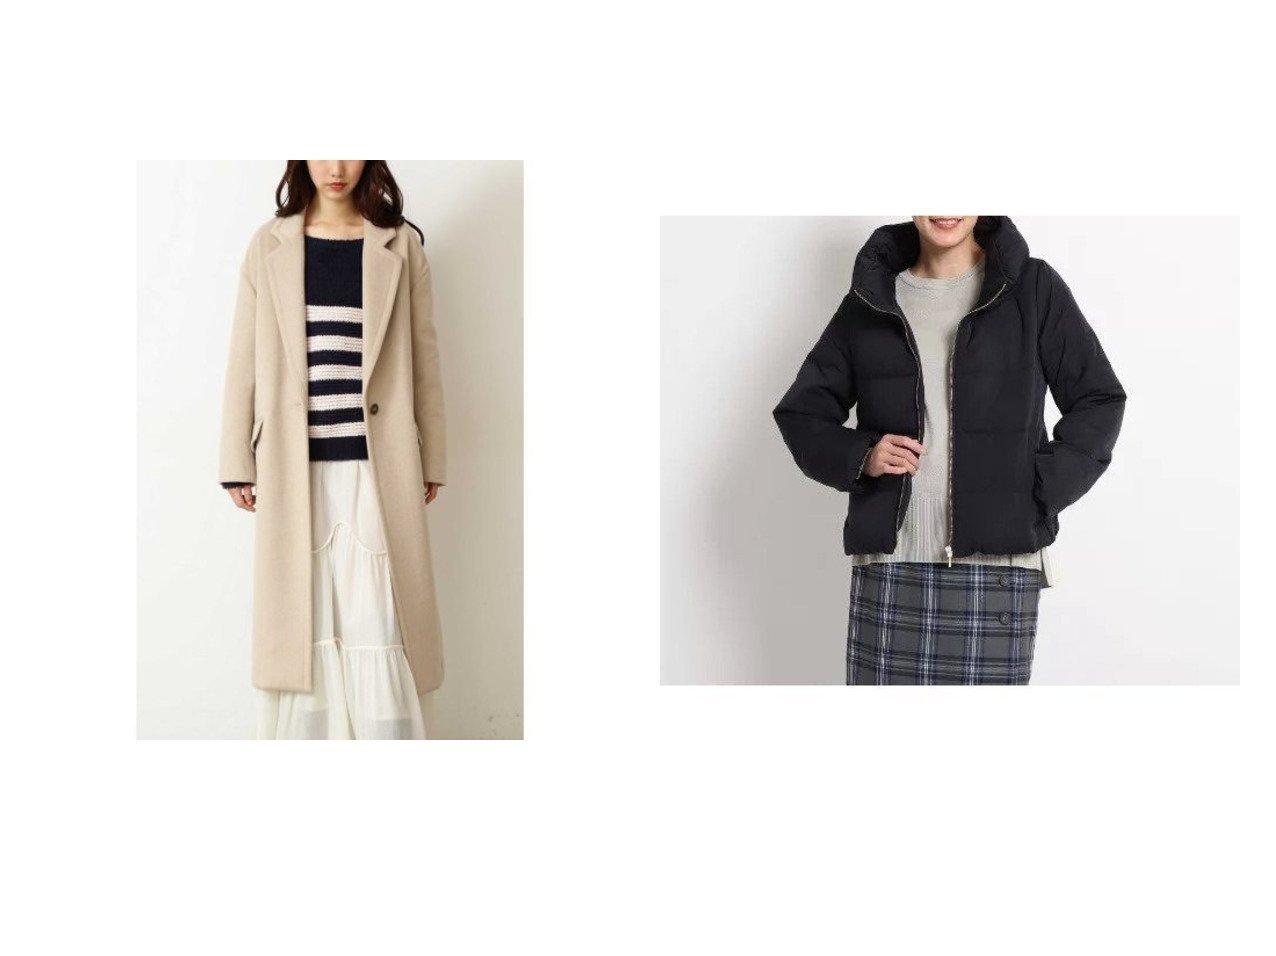 【Dessin/デッサン】のピーチスキンダウンコート&【FREE'S MART/フリーズマート】のウール混オーバーチェスターコート アウターのおすすめ!人気、レディースファッションの通販 おすすめで人気のファッション通販商品 インテリア・家具・キッズファッション・メンズファッション・レディースファッション・服の通販 founy(ファニー) https://founy.com/ ファッション Fashion レディース WOMEN アウター Coat Outerwear コート Coats チェスターコート Top Coat ダウン Down Coats And Jackets ショルダー チェスターコート ドロップ ポケット ショート ダウン ボトム 定番 |ID:crp329100000001718